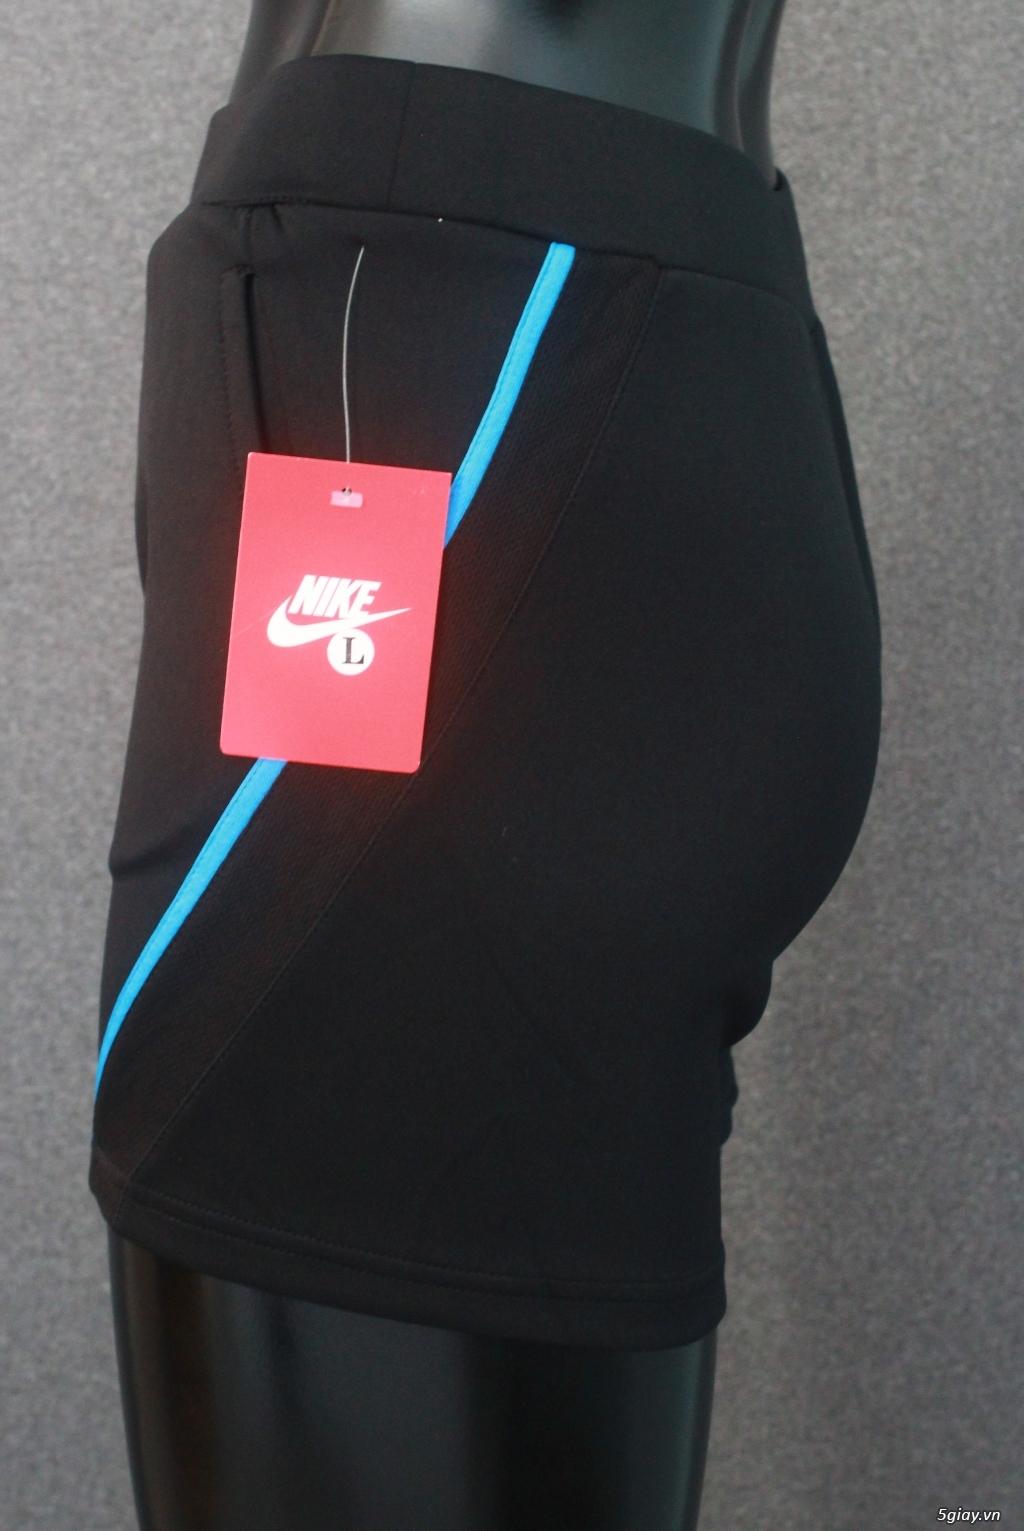 Chuyên cung cấp quần áo thể thao Adidas,Nike,Under Armour,Puma...trên Toàn Quốc giá xưởng - 9